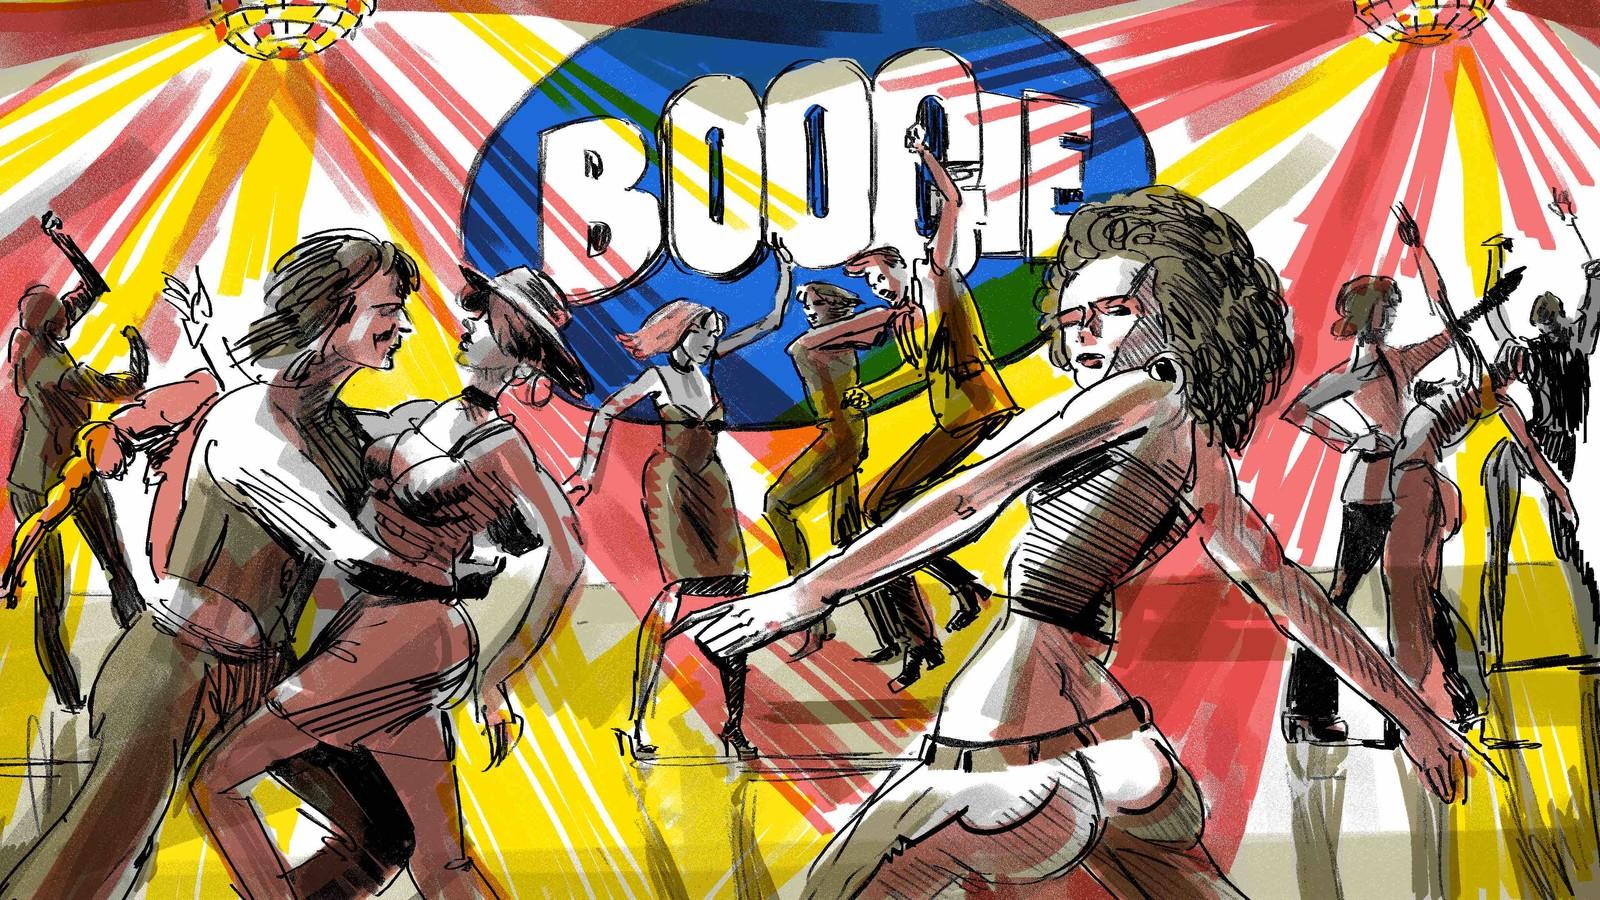 Boogie-story board